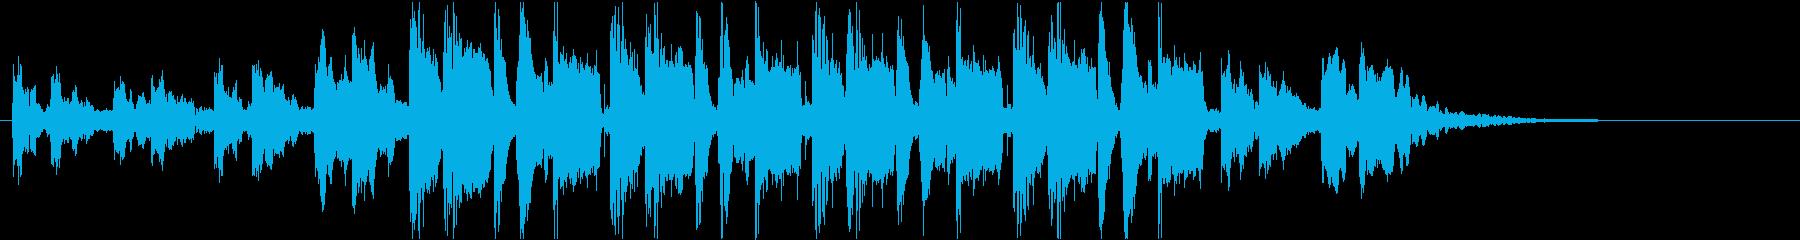 30秒CM向け 怪しい電子ミュージックの再生済みの波形